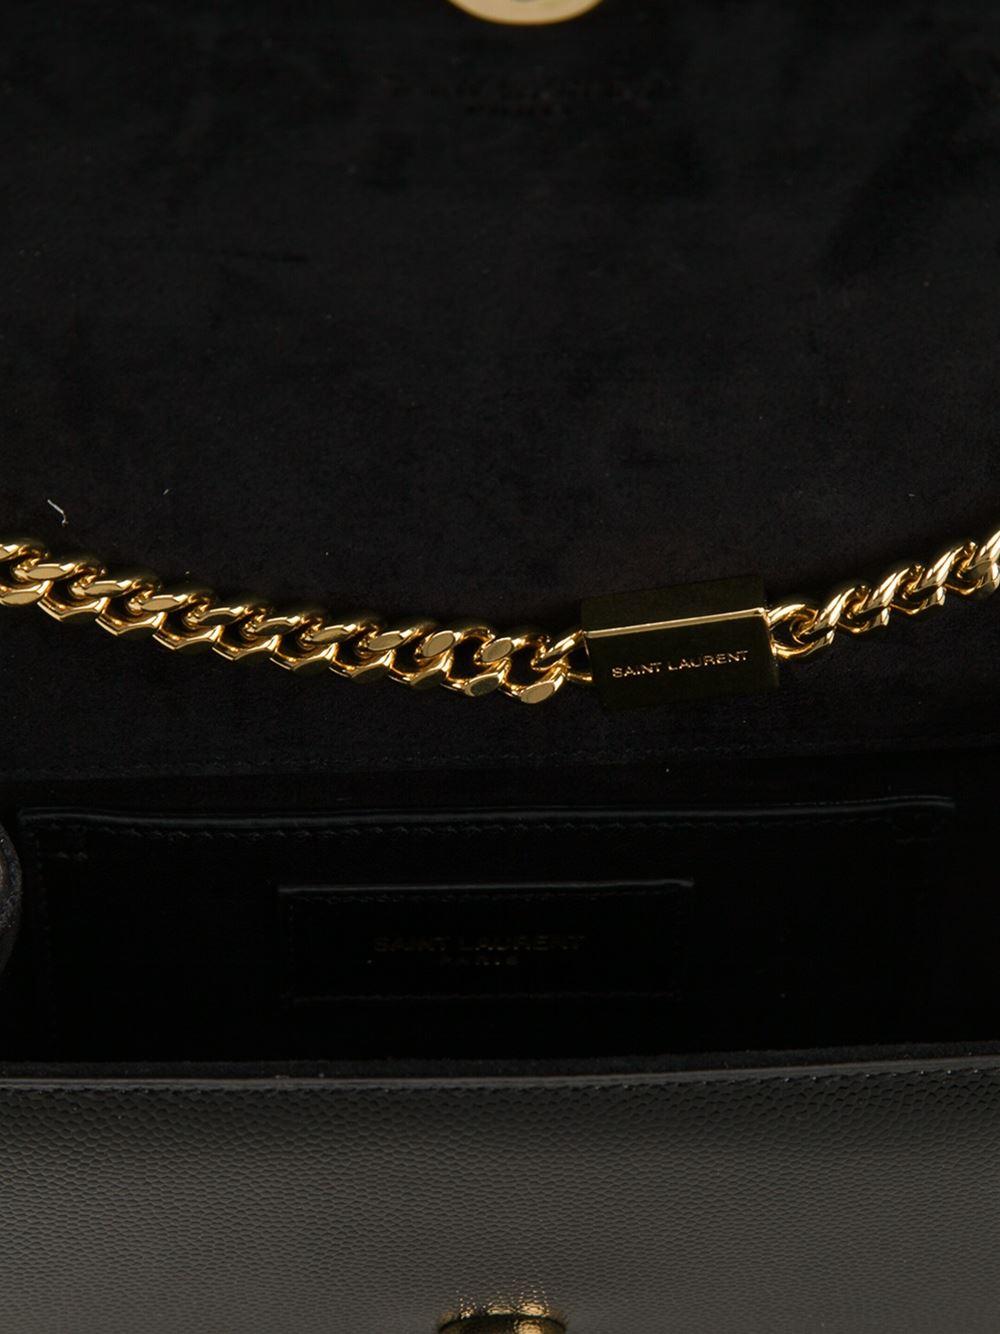 Saint Laurent 'monogramme' Shoulder Bag -  - Farfetch.com